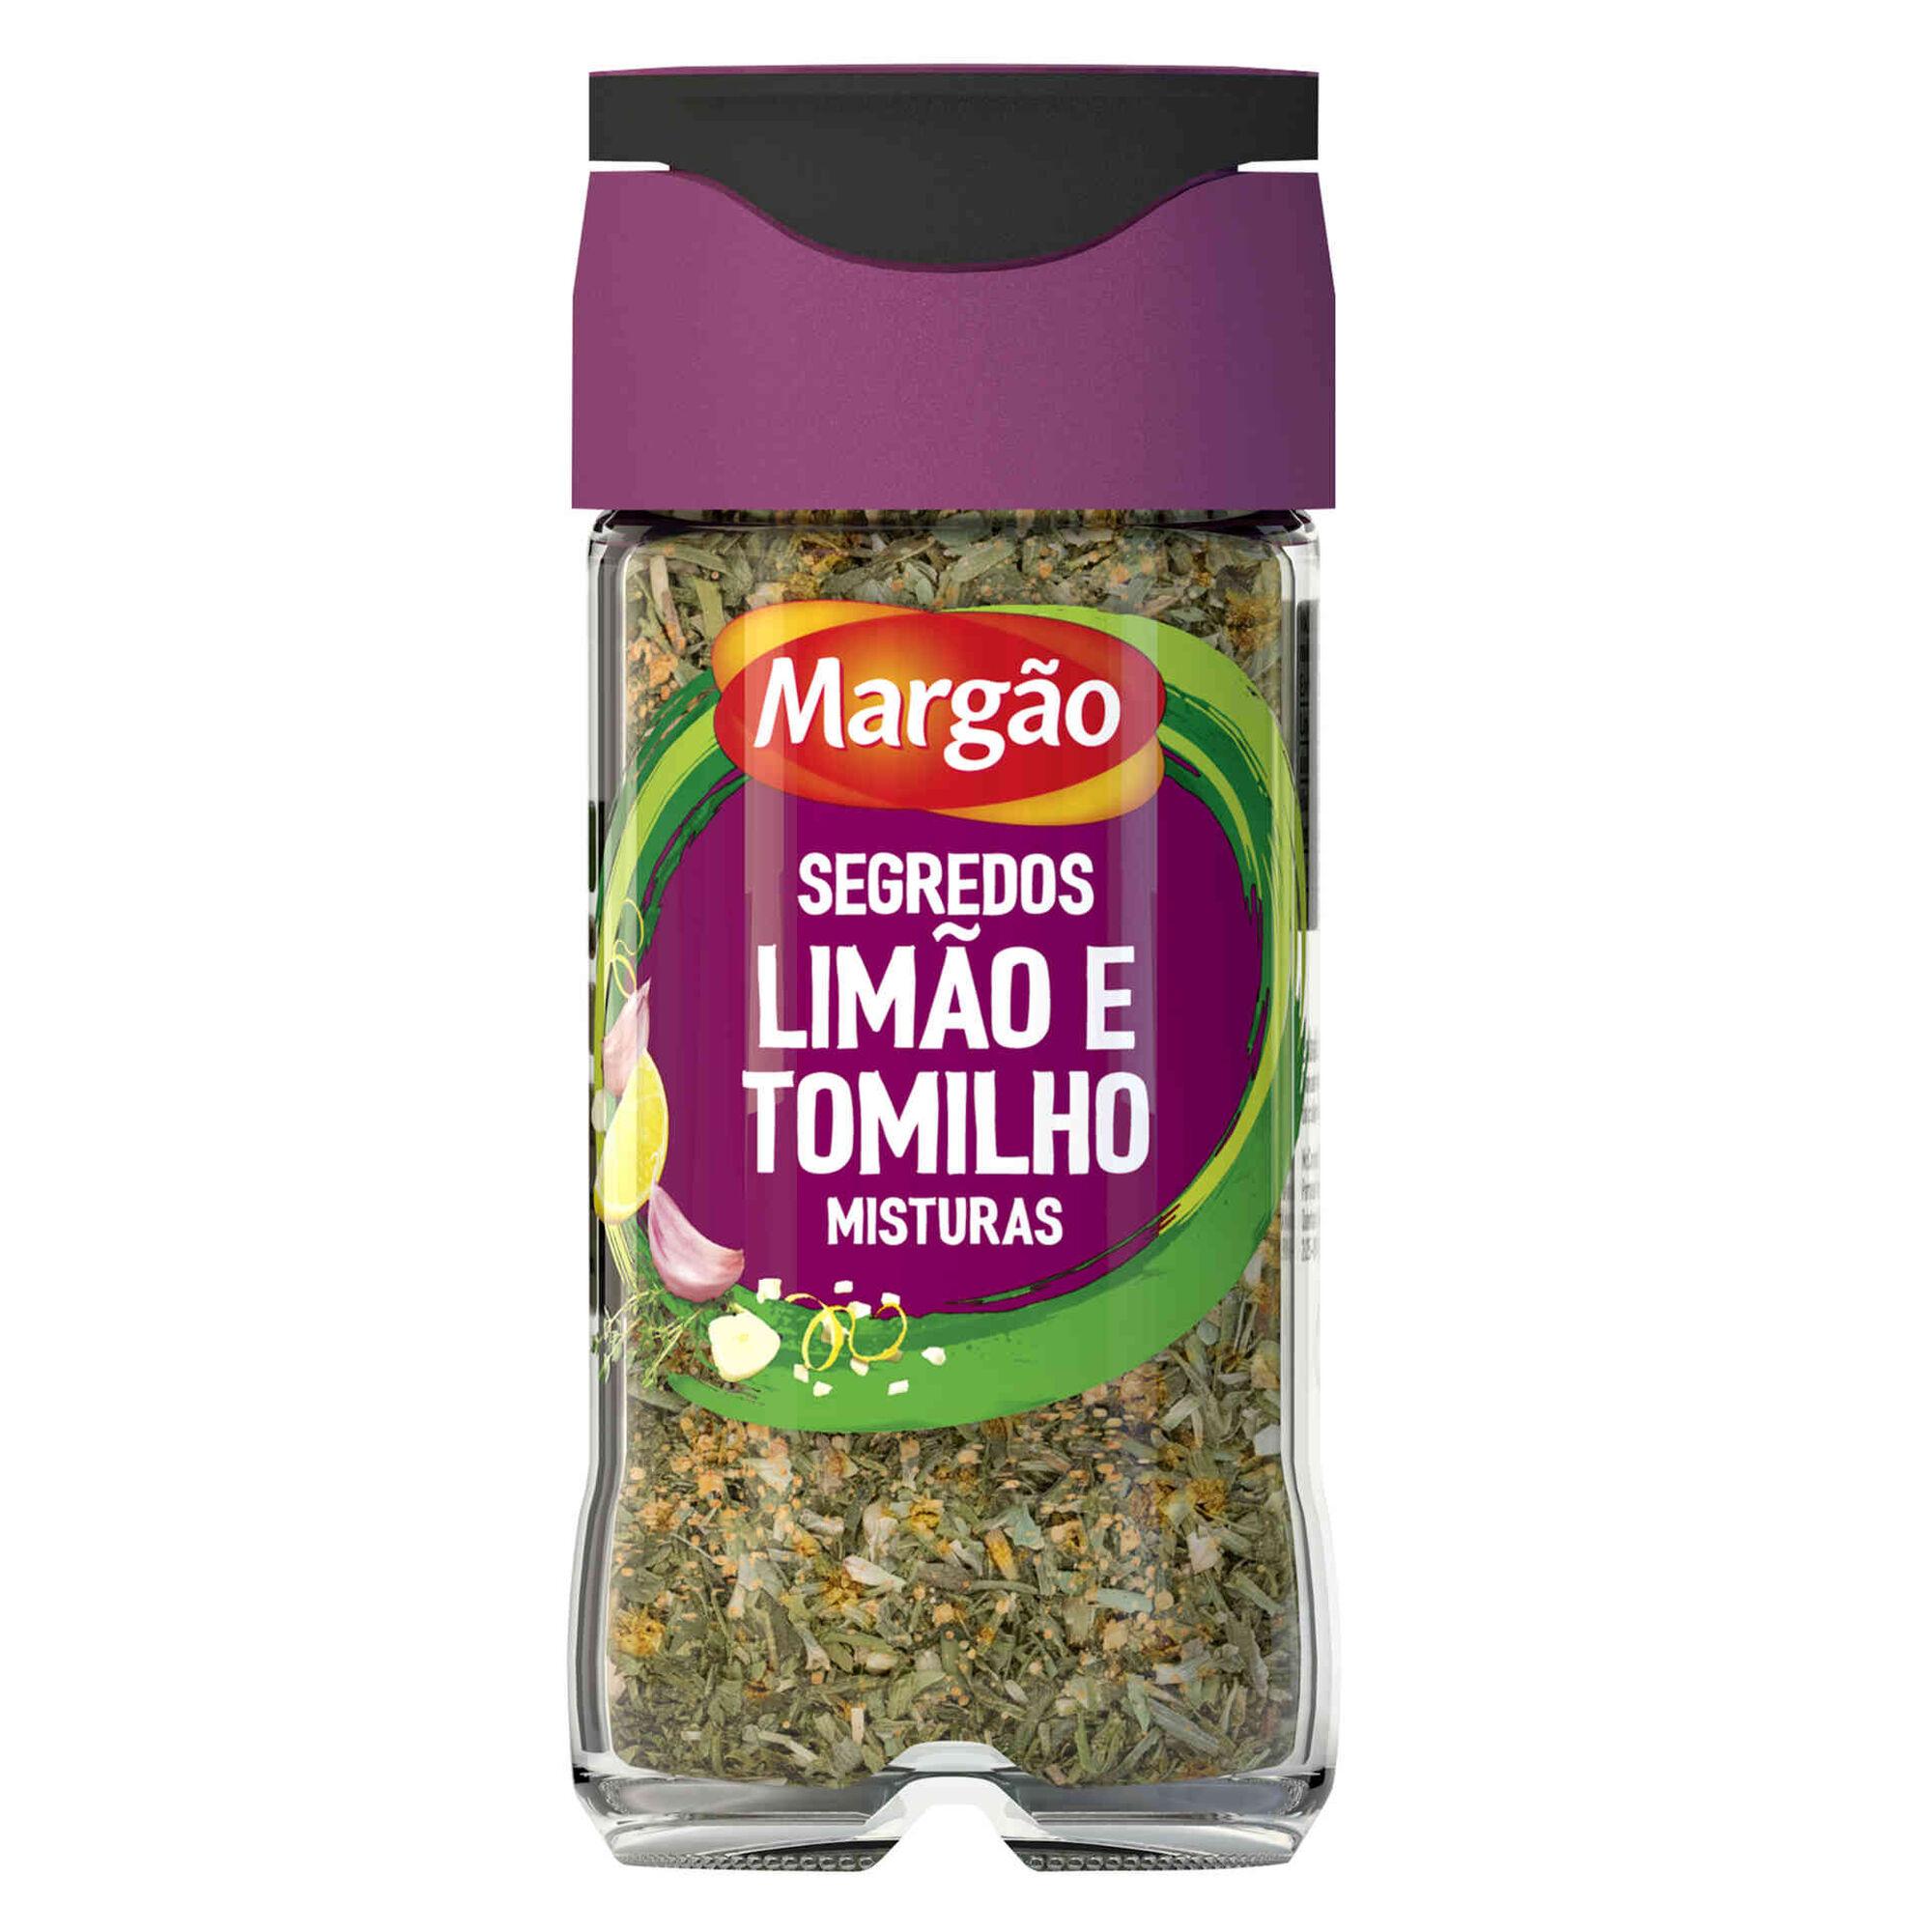 Mistura de Limão e Tomilho em Frasco